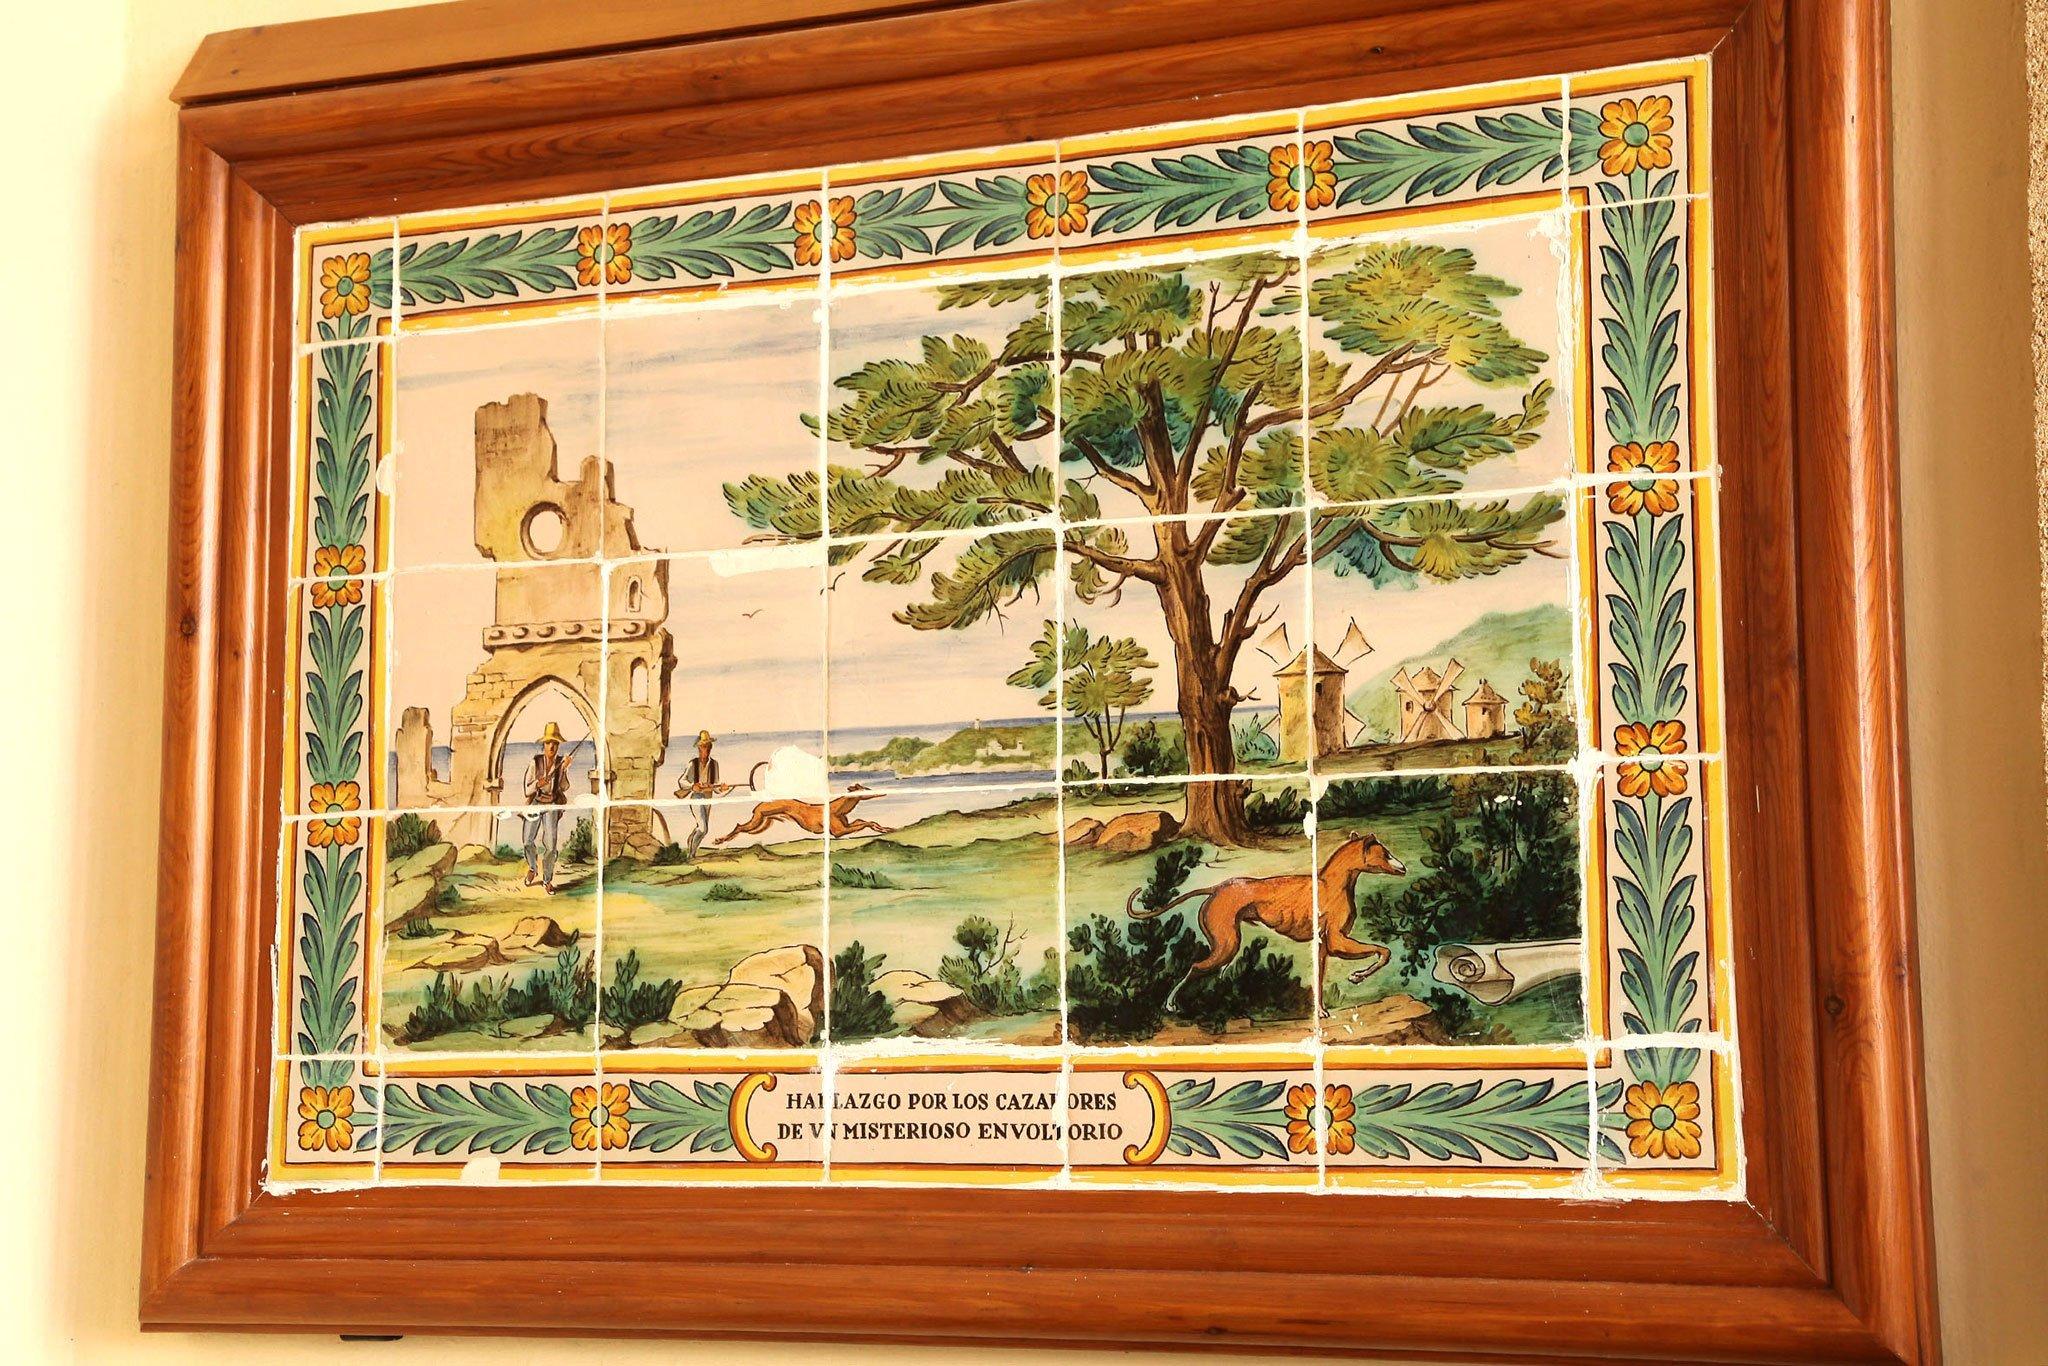 Representación de la historia del Santuari de la Mare de Déu dels Àngels de Xàbia: el hallazgo por parte de unos cazadores de un misterioso envoltorio